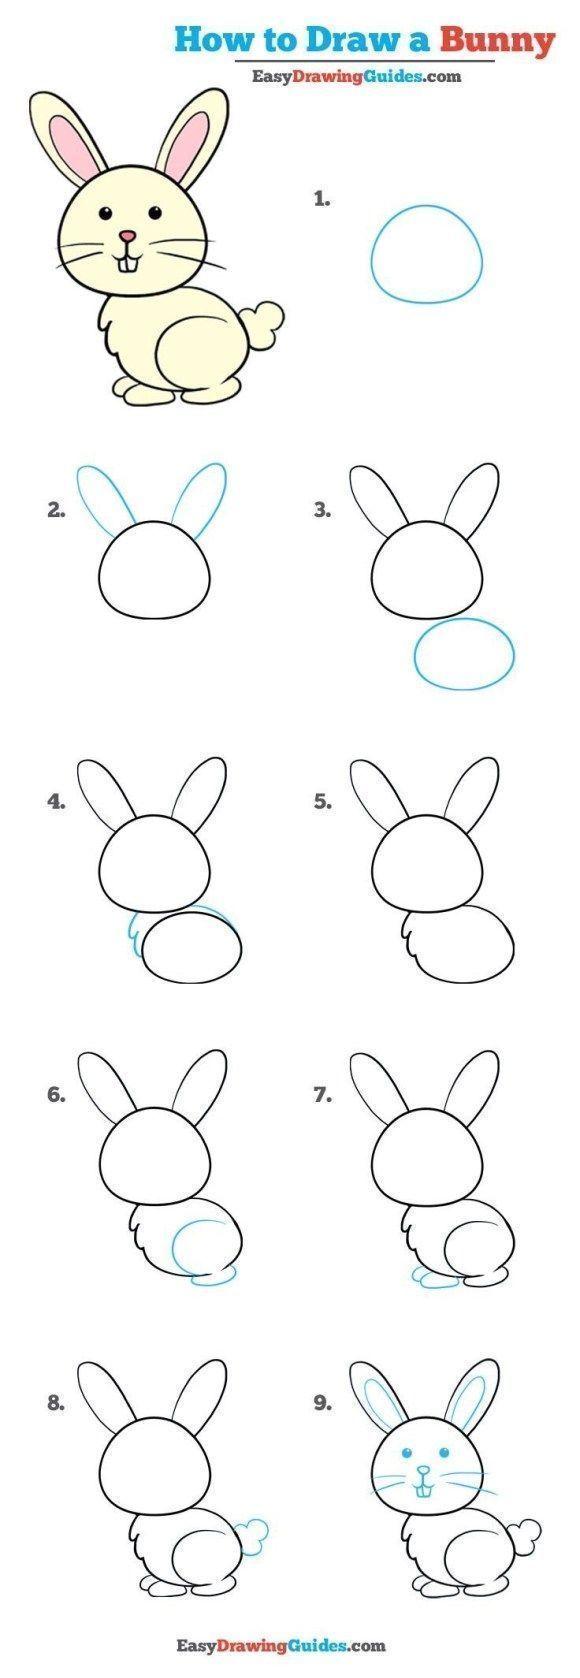 10 Cartoon Animal How To Drawings Basic Animal Drawings 10 Cartoon Animal How To An Nice Como Hacer Dibujos Animales Faciles De Dibujar Dibujos Faciles